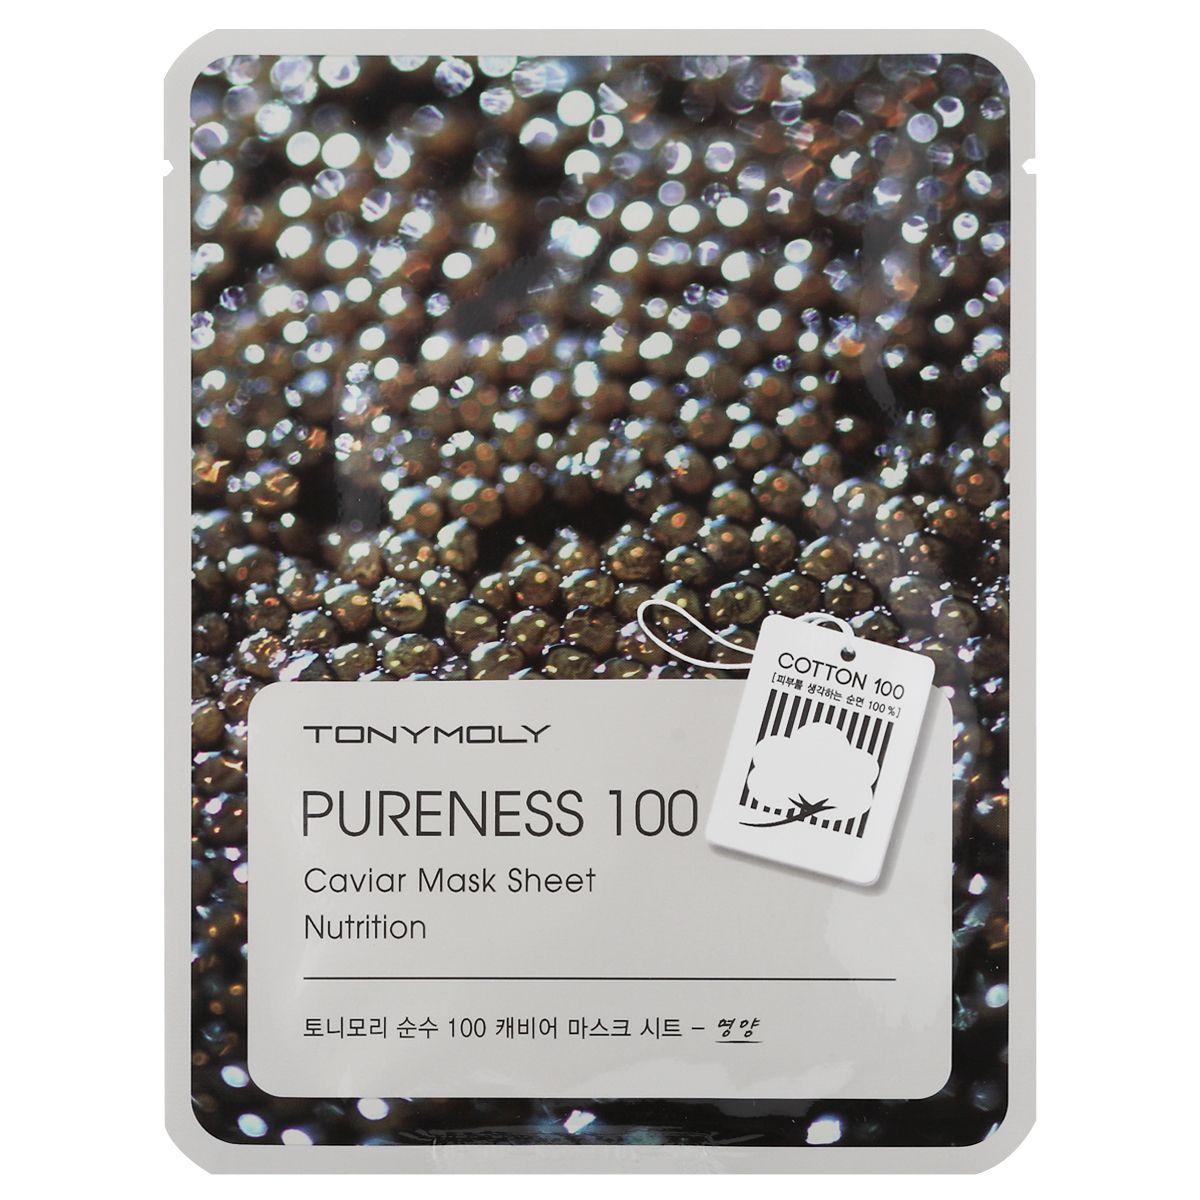 TonyMoly Тканевая маска с экстрактом черной икры Pureness 100 Caviar Mask Sheet-Nutrition, 21 млSS05016300Черная икра содержит огромное количество витаминов, минералов и микроэлементов, которые питают и укрепляют кожу. Экстракт черной икры оказывает лифтинговое действие на проблемные места и заметно подтягивает кожу. Маска улучшает кровообращение клеток кожи, повышает упругость, эластичность и способствует выработке собственного коллагена и эластина, которые улучшают состояние кожи и продлевают ее молодость. Марка Tony Moly чаще всего размещает на упаковке (внизу или наверху на спайке двух сторон упаковки, на дне банки, на тубе сбоку) дату изготовления в формате: год/месяц/дата.